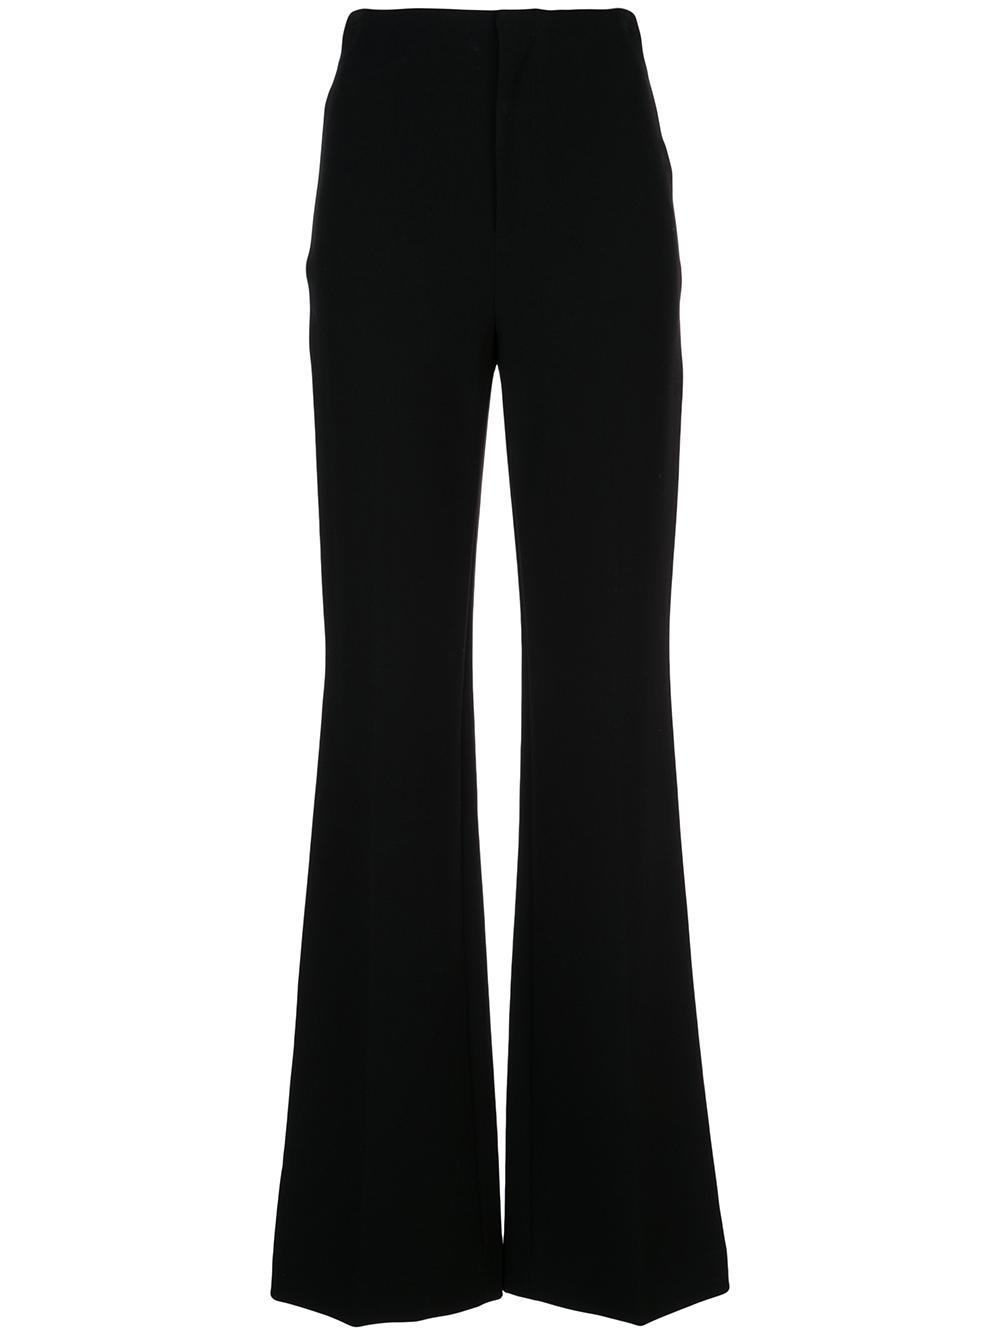 Lorinda Super High Waisted Pant Item # CL000213119